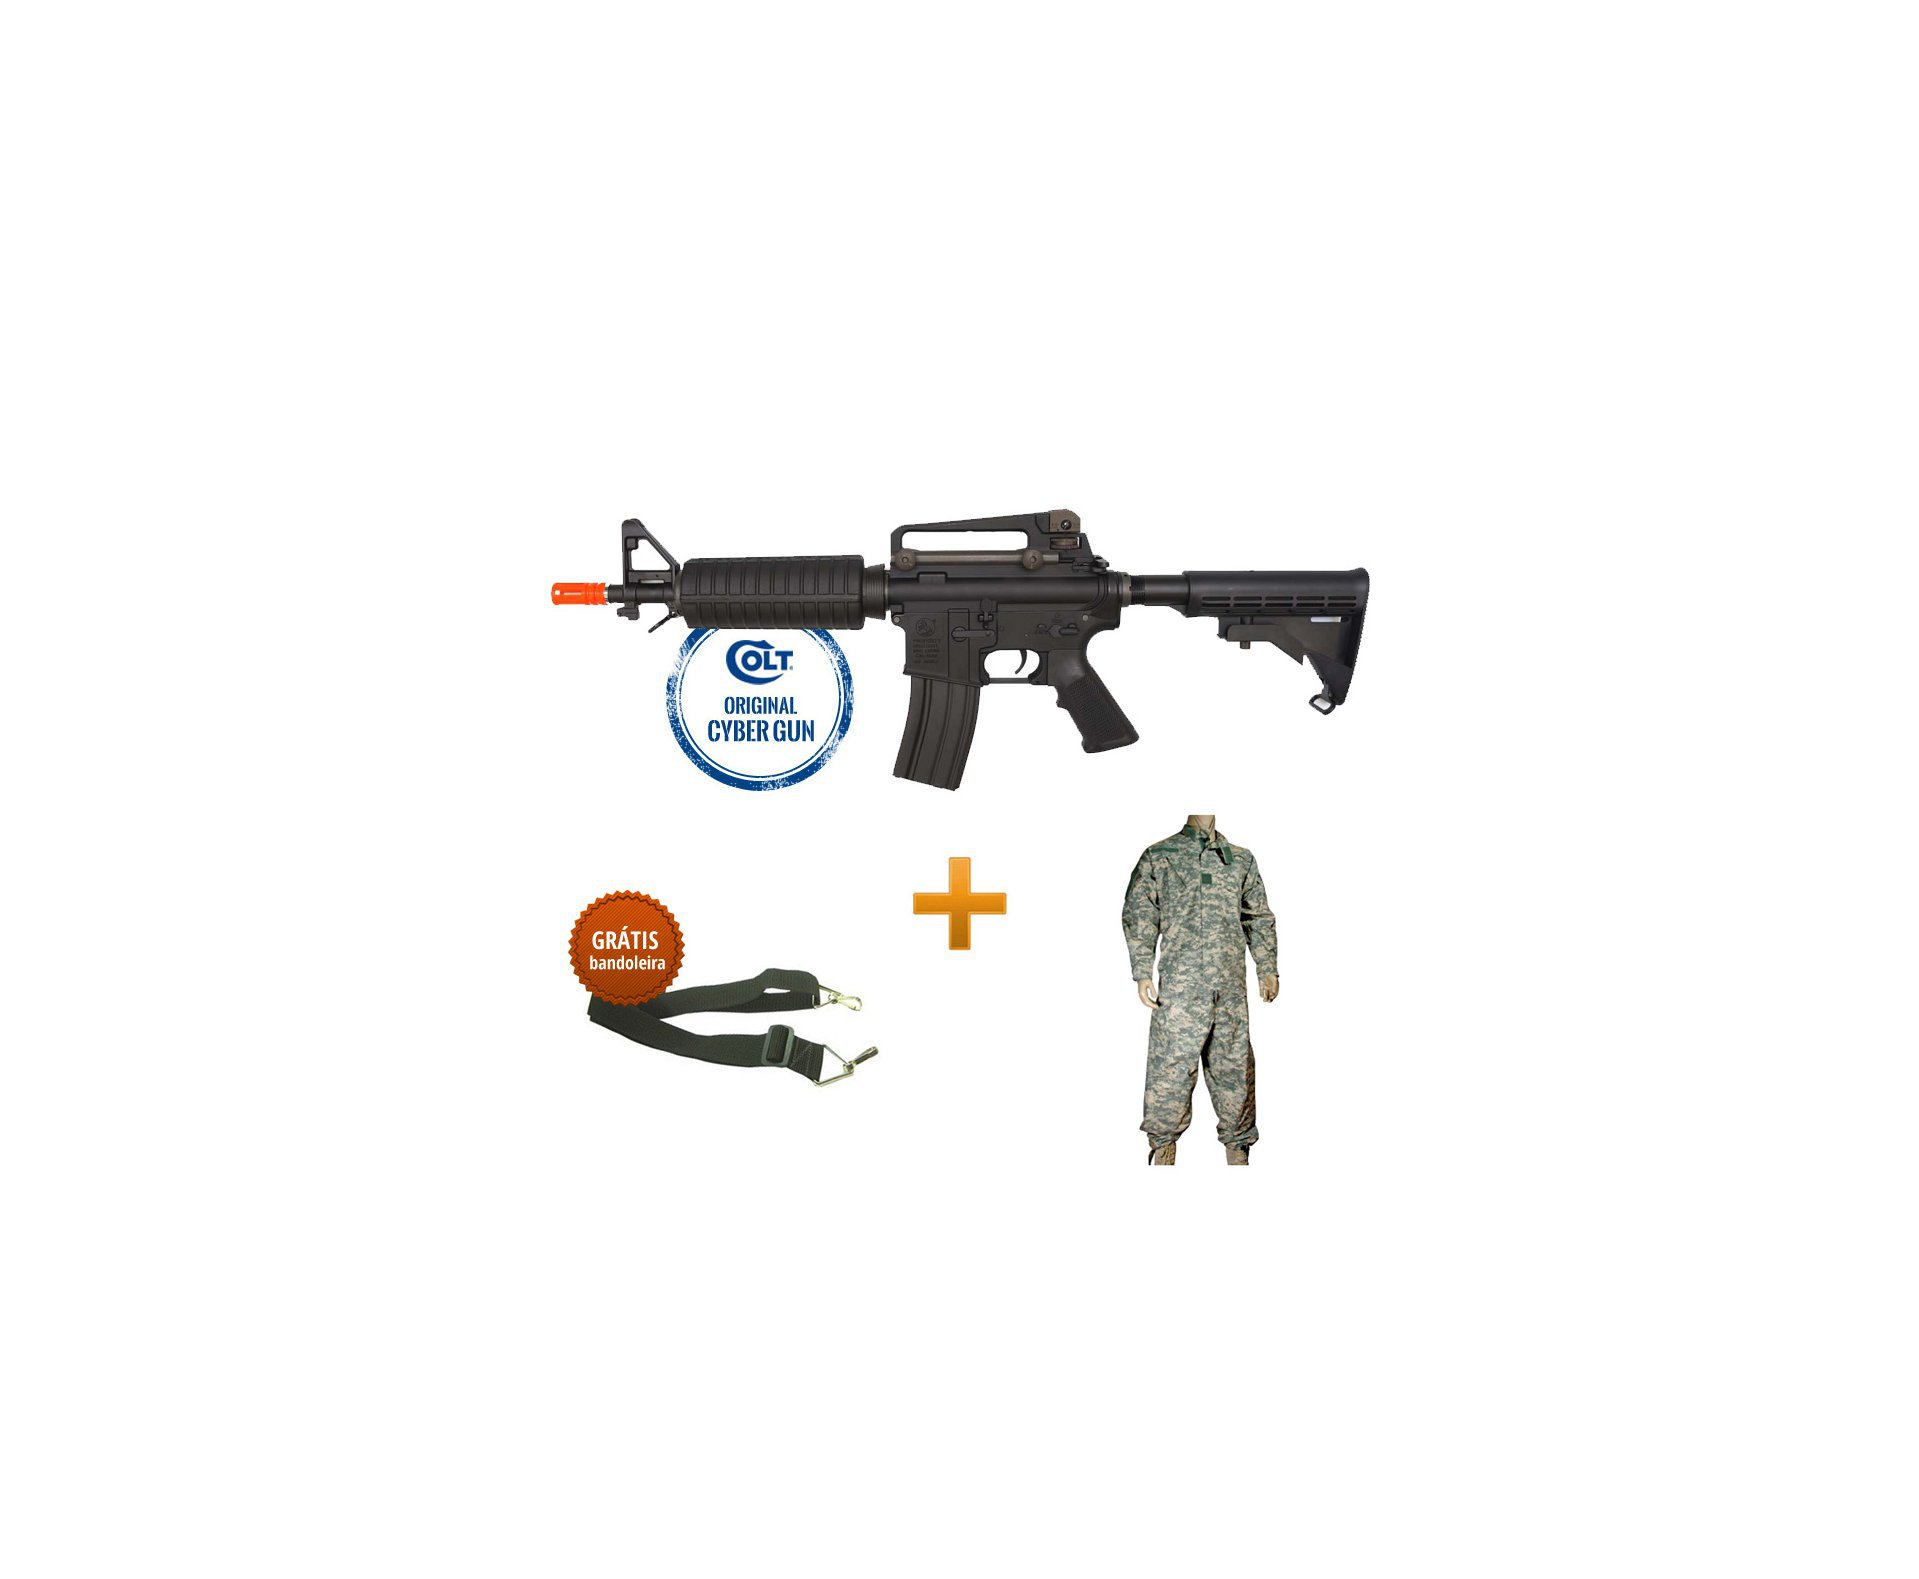 Rifle De Airsoft M4 Commando M933 - Calibre 6,0mm - Aeg - Colt Original 220v + Farda Swiss Arms Acu - Tamanho M + Bandoleira 2 Pontas